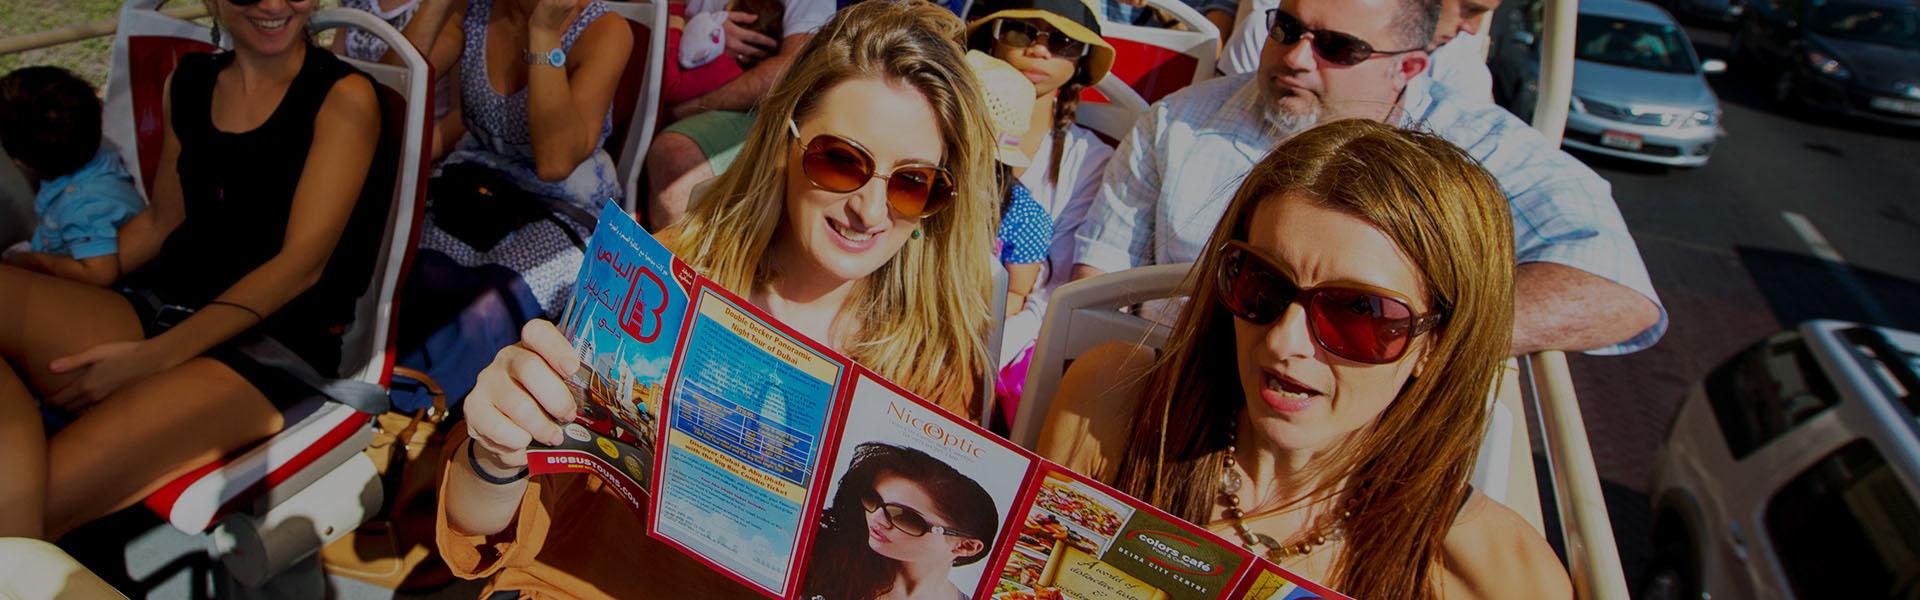 Touristen sehen sich die Karte von Big Bus Dubai an